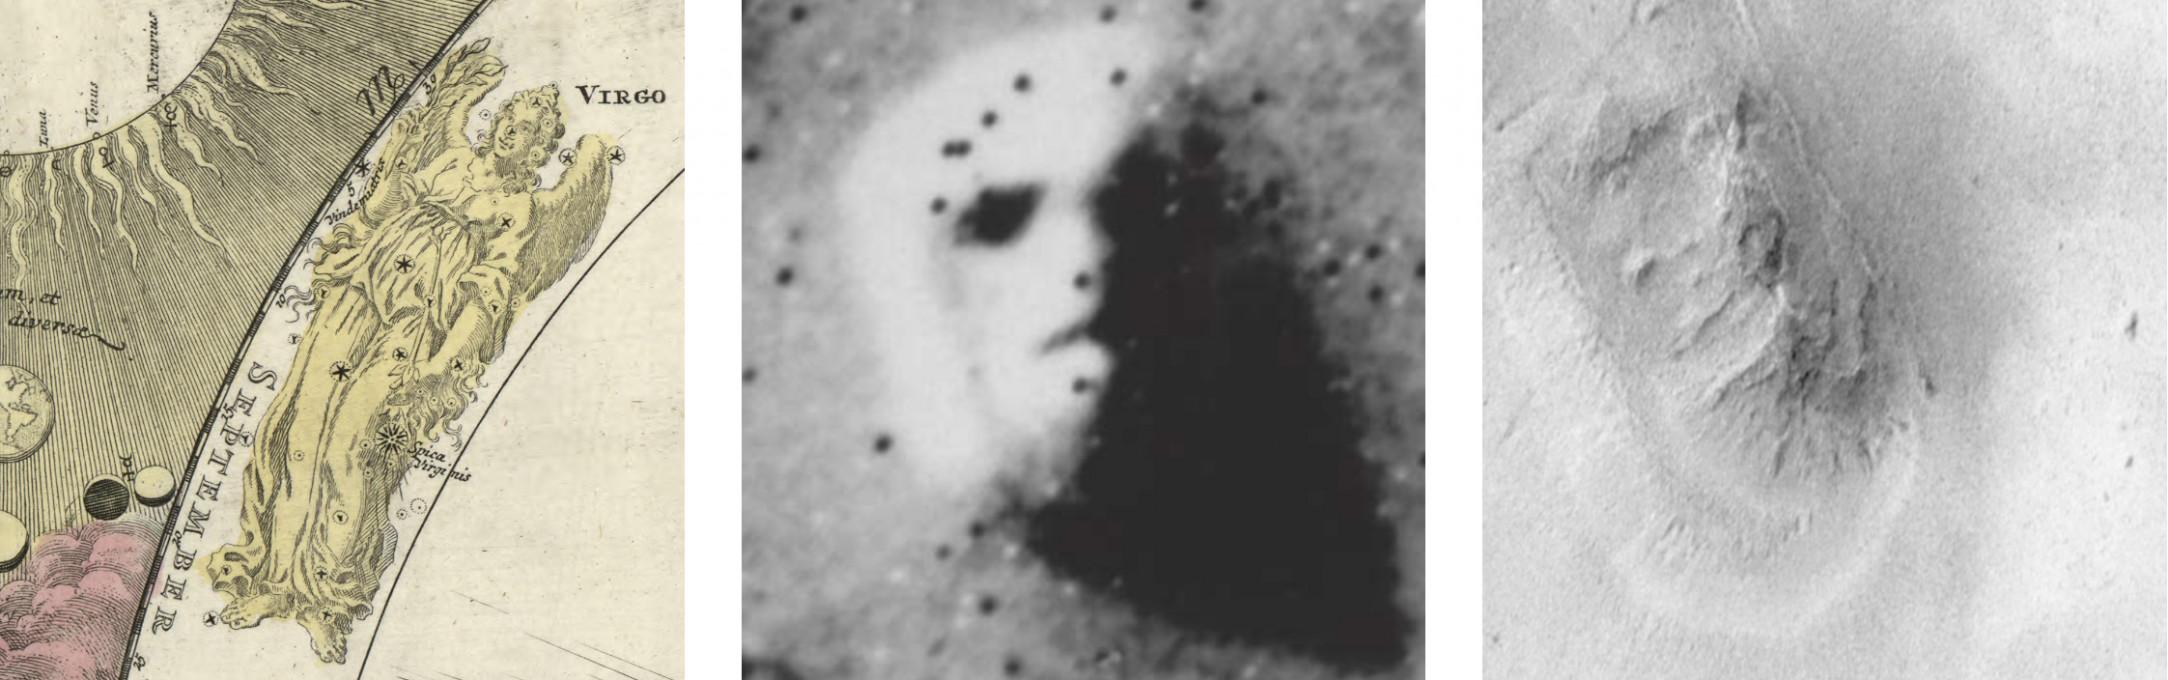 Slika 6 (levo) Johann Gabriel Doppelmayr. 1707. Systema Solare et Planetarium. V: Johann Baptist Homann, Neuer Atlas. [detajl bronaste gravure]. (Zbirka grafične umetnosti opatije Göttweig, , XIII_A_b_21_004, Krems, Avstrija: Oddelek za znanost podob, Donavska Univerza). Objavljeno z dovoljenjem. Slika 7 (sredina) NASA/JPL, 1976. PIA01141: Geološka formacija »Obraz na Marsu«. [obrezana različica izvorne slike obdelane s serijskim postopkom] Dostopno na: [Dostopano 14. sept. 2018]. Slika 8 (desno) NASA, JPL in Malin Space Science Systems, 1998. Pogled kamere Marsovega Orbiterja na »Obraz na Marsu« − primerjava z Vikingom. Dostopno na: [Dostopano 14. sept. 2018].